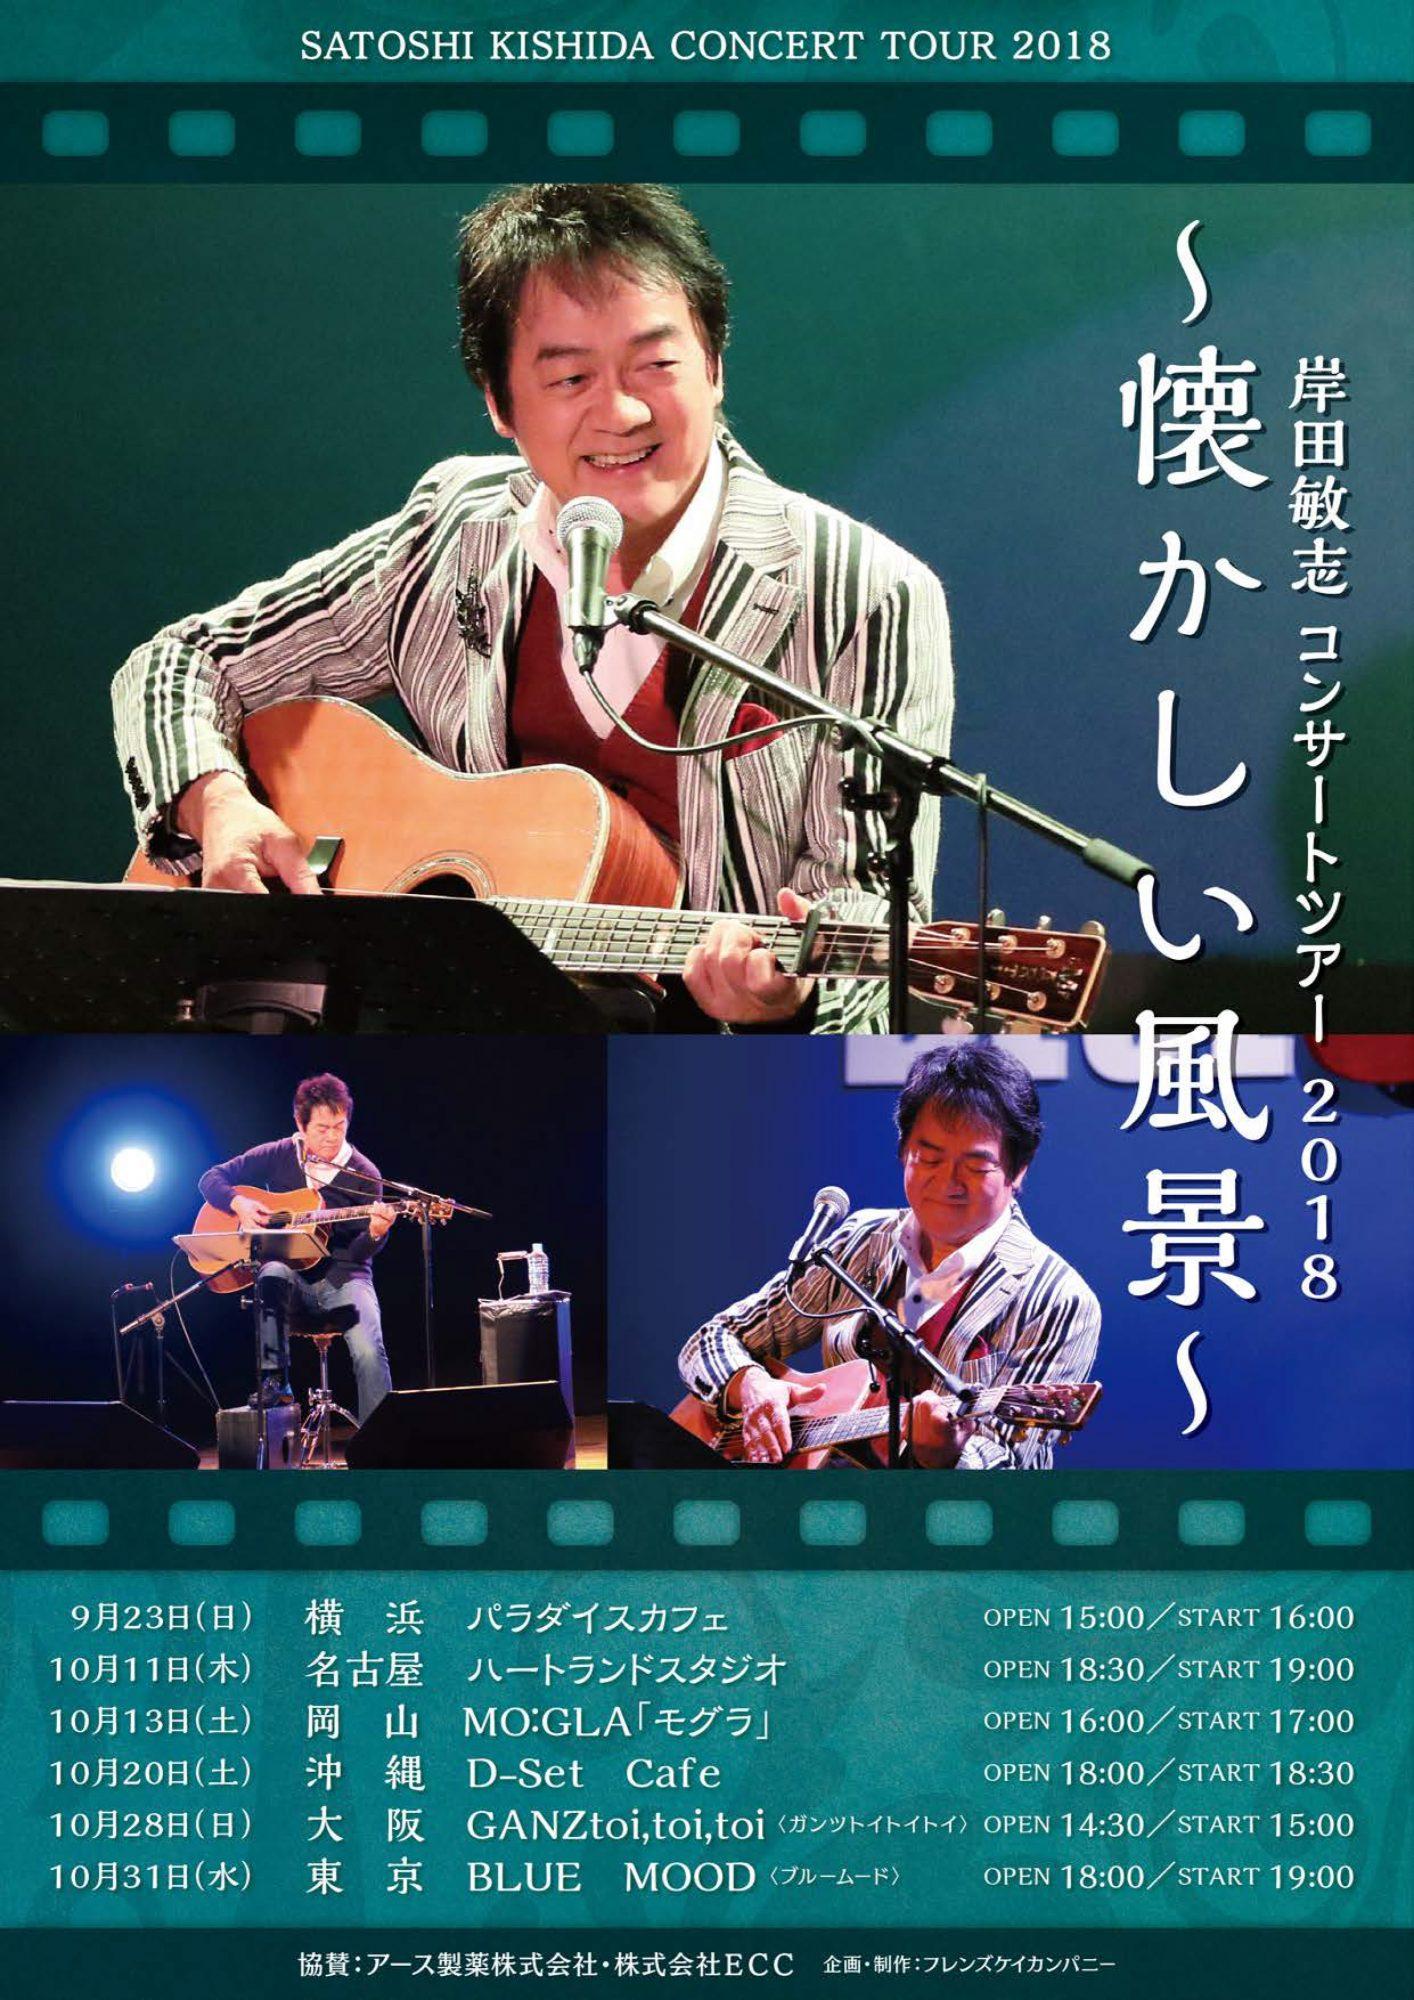 岸田敏志コンサートツアー2018~懐かしい風景~